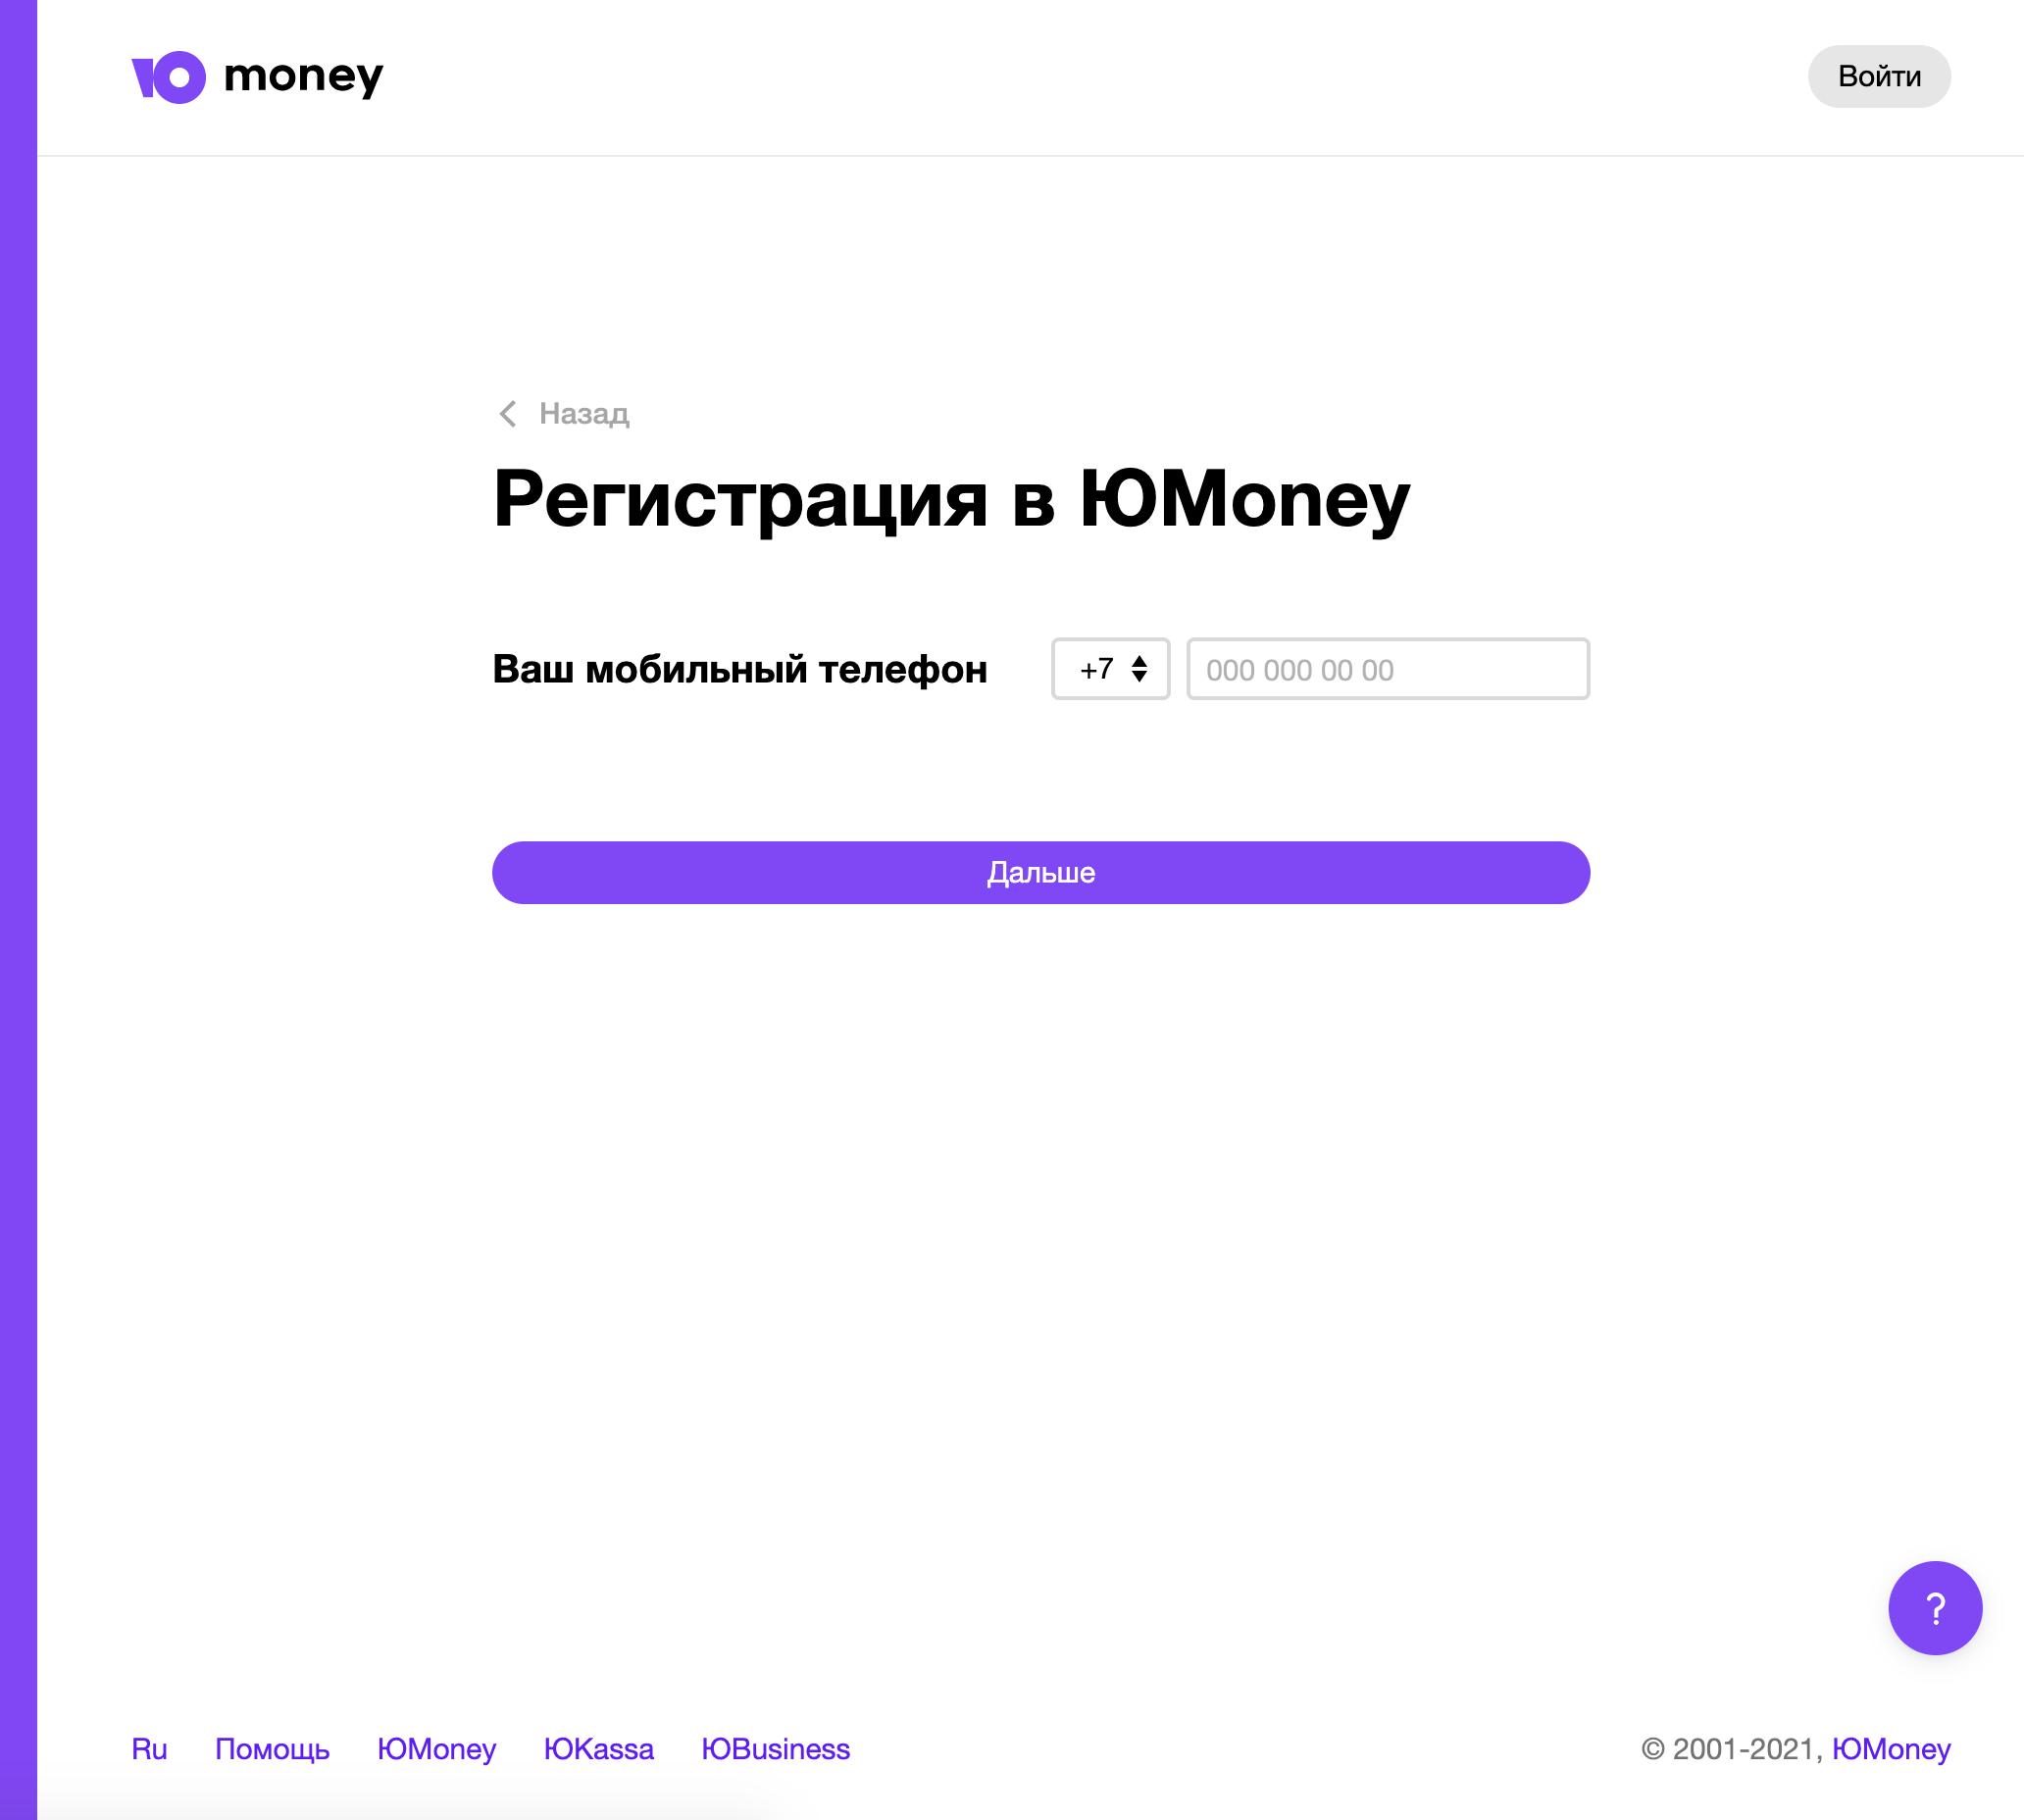 Как восстановить кошелек ЮMoney и зарегистрировать новый